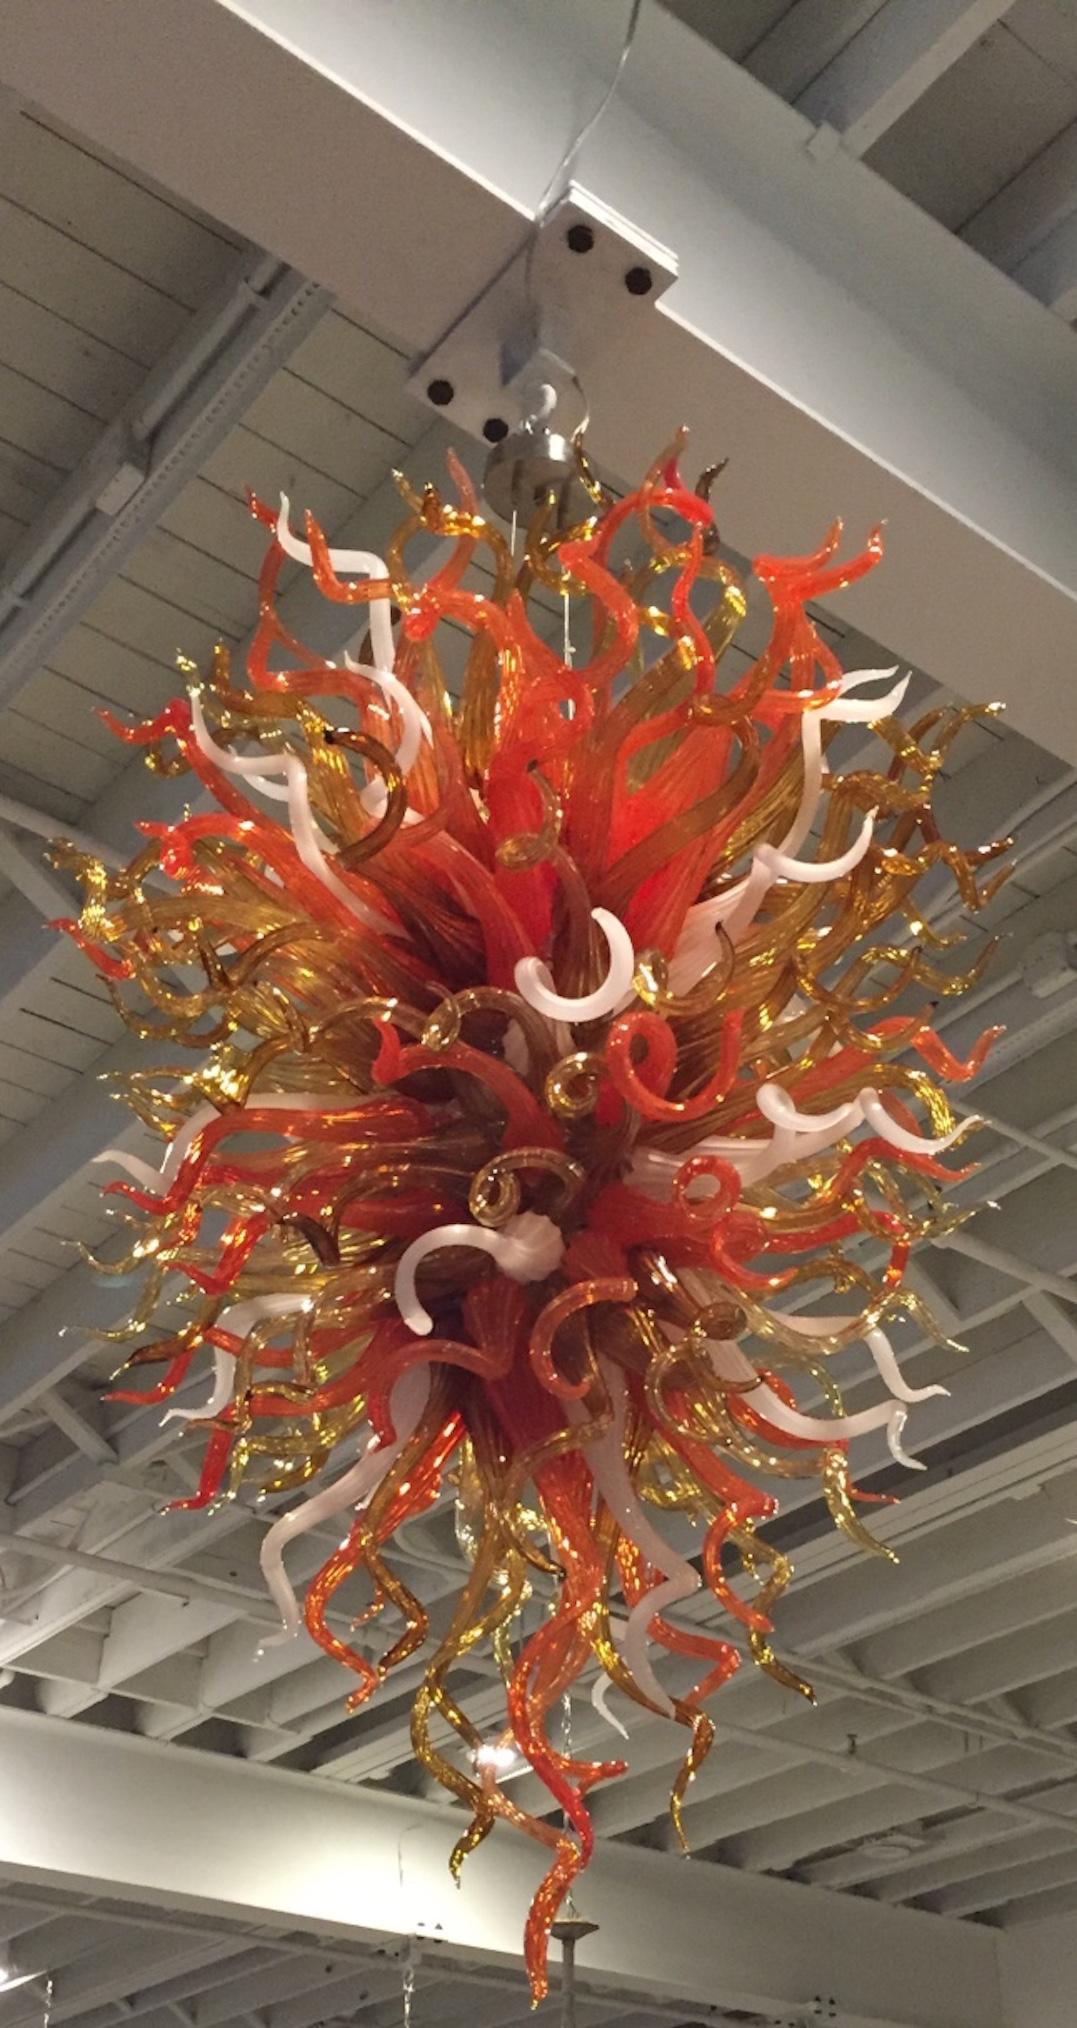 en world chandelier product lamp shop at design looking orange a gold crown the kopen sqaure online for jspr of